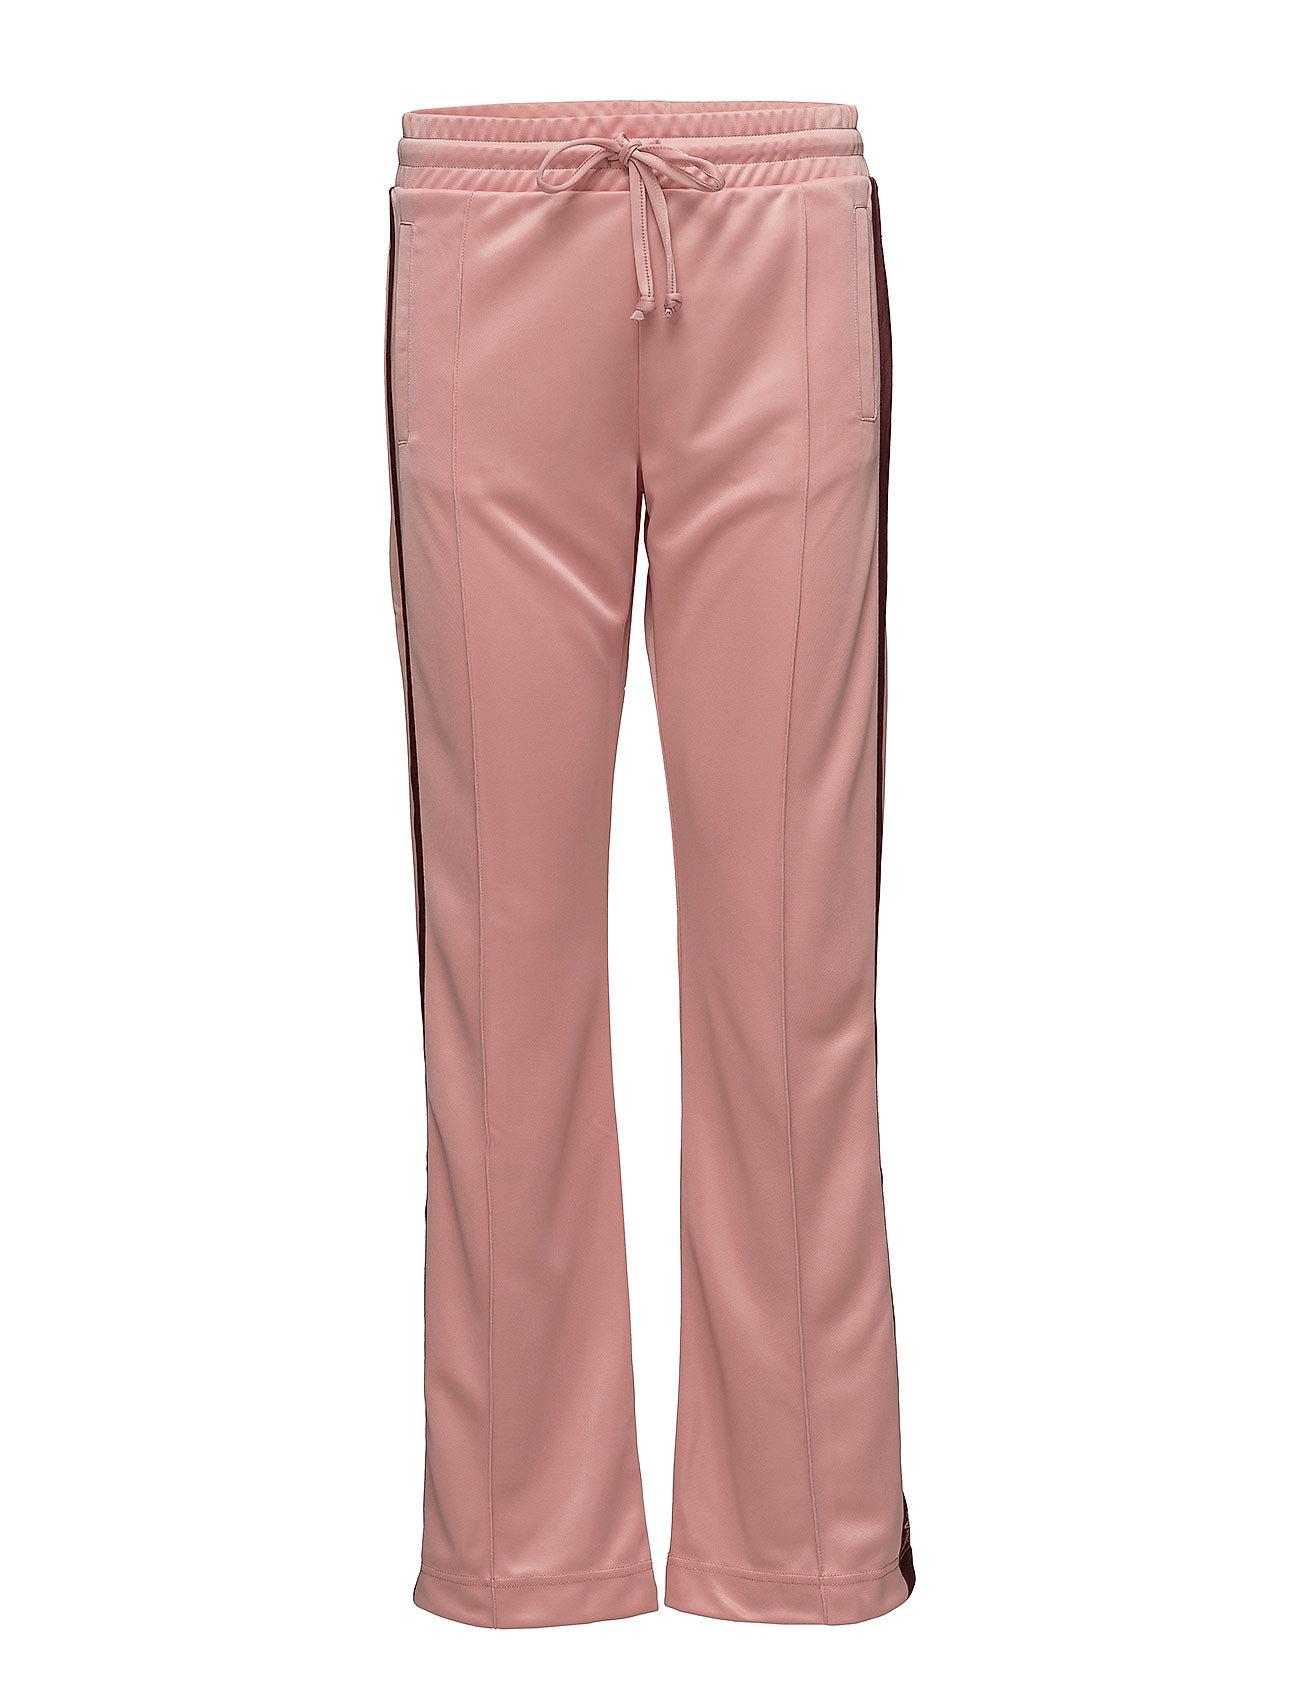 ODD MOLLY rosa run pants Sweatpants